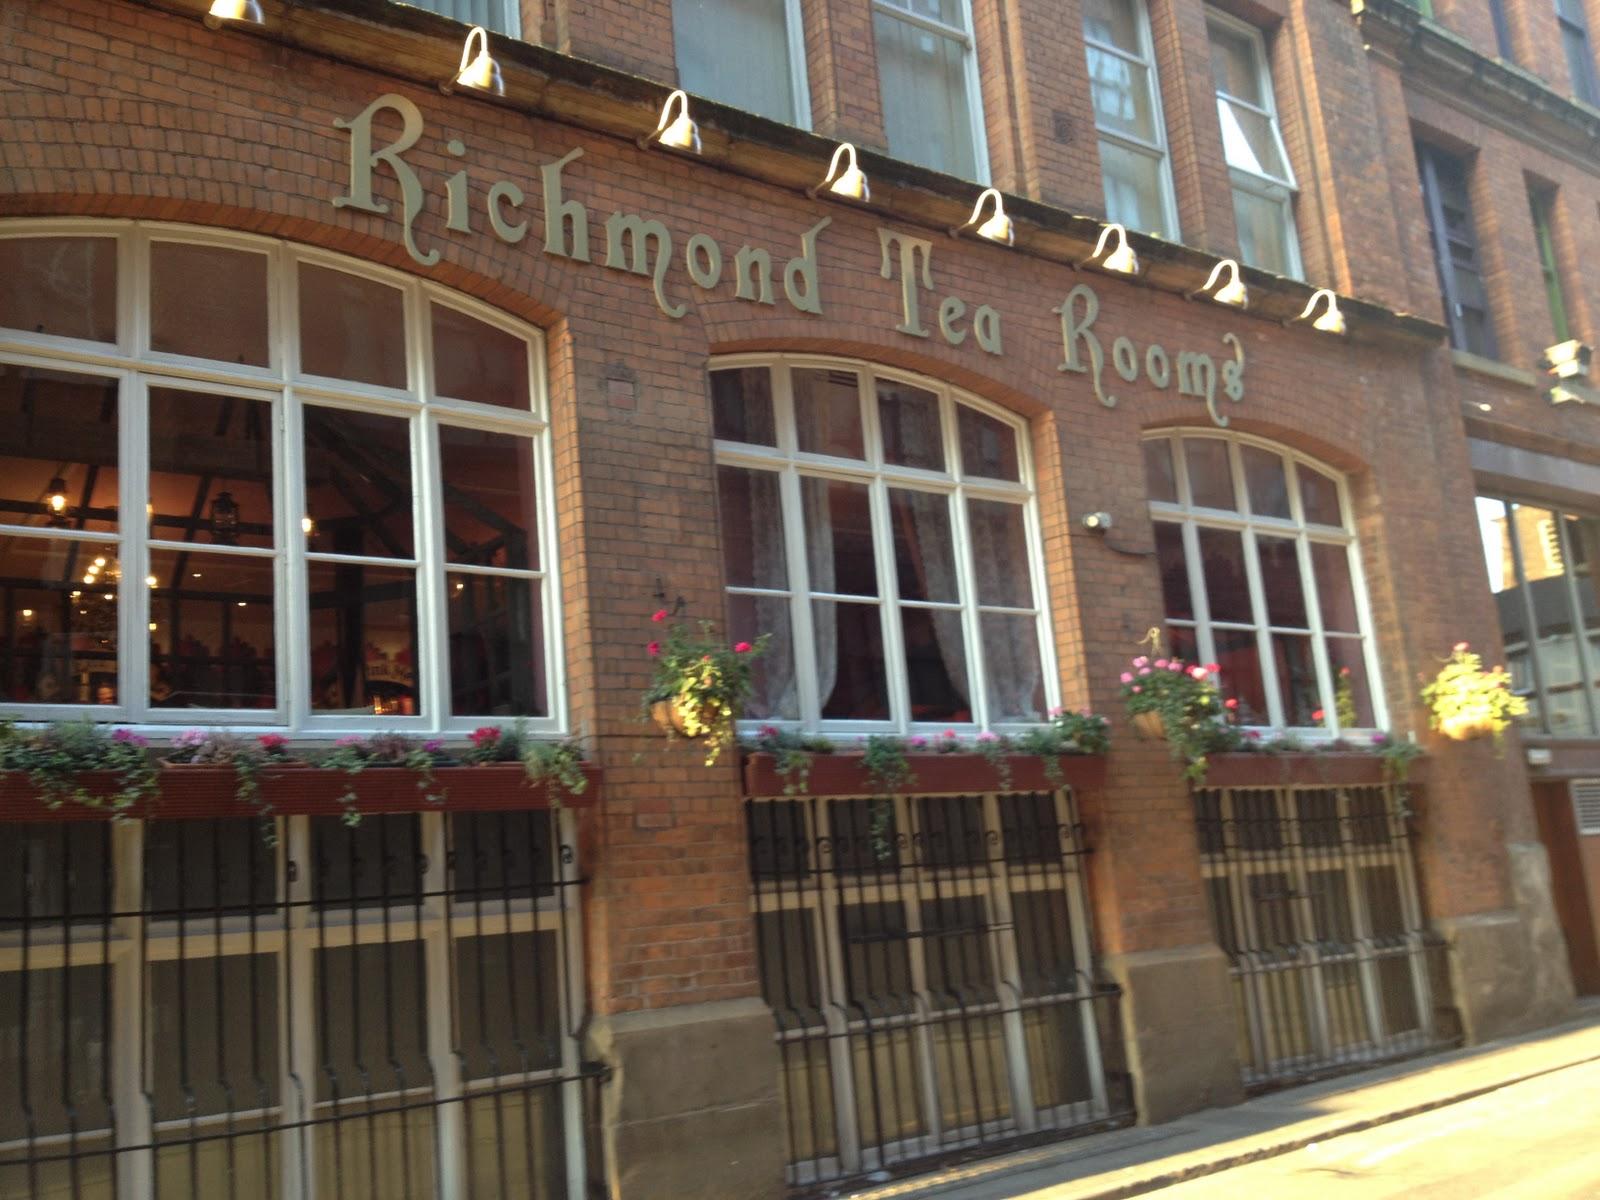 Richmond Tea Rooms Manchester Voucher